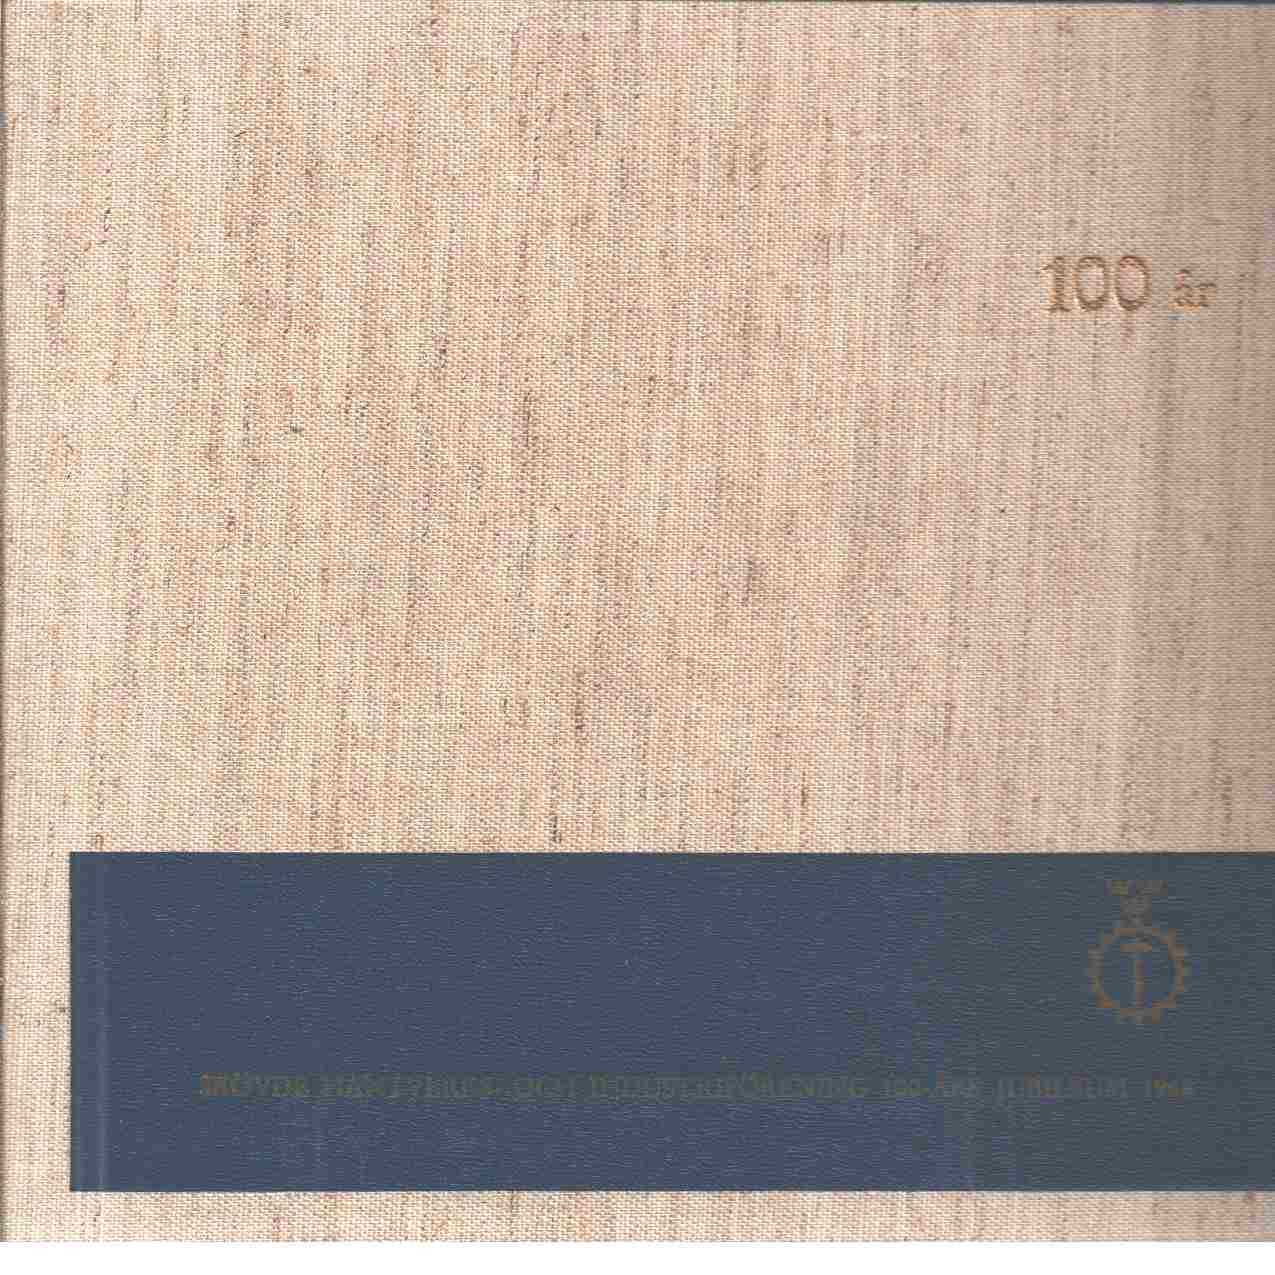 100 år : Skövde hantverks- och industriförening 100-års jubileum 1968. - Red.